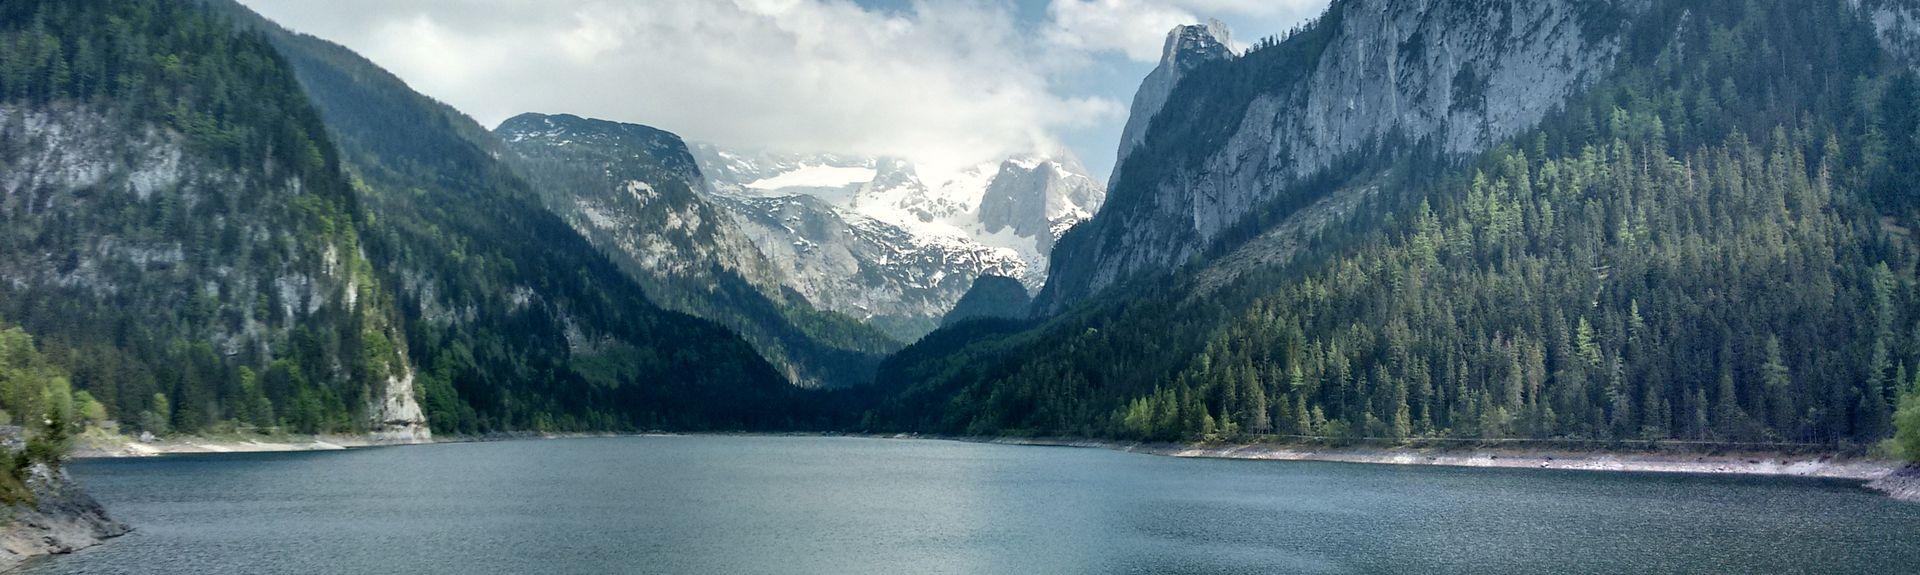 Ebensee, Górna Austria, Austria